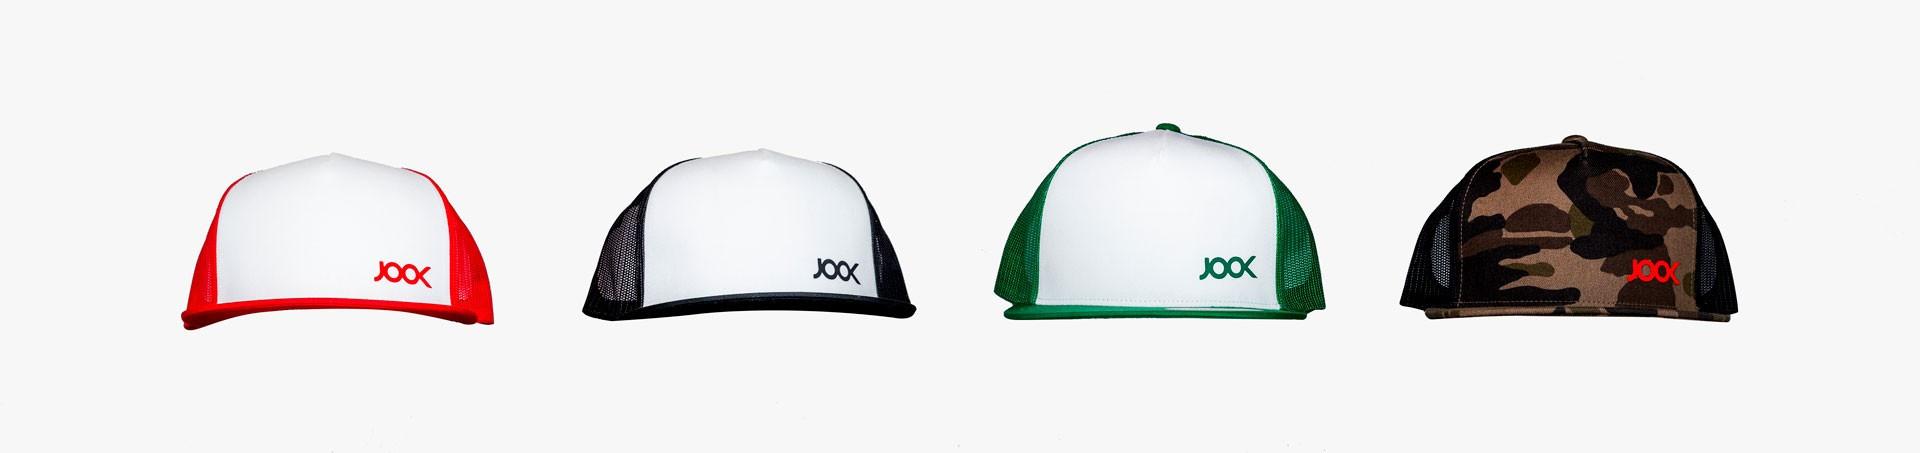 Uniformes personalizados para restaurante, camisetas y camisas, gorra